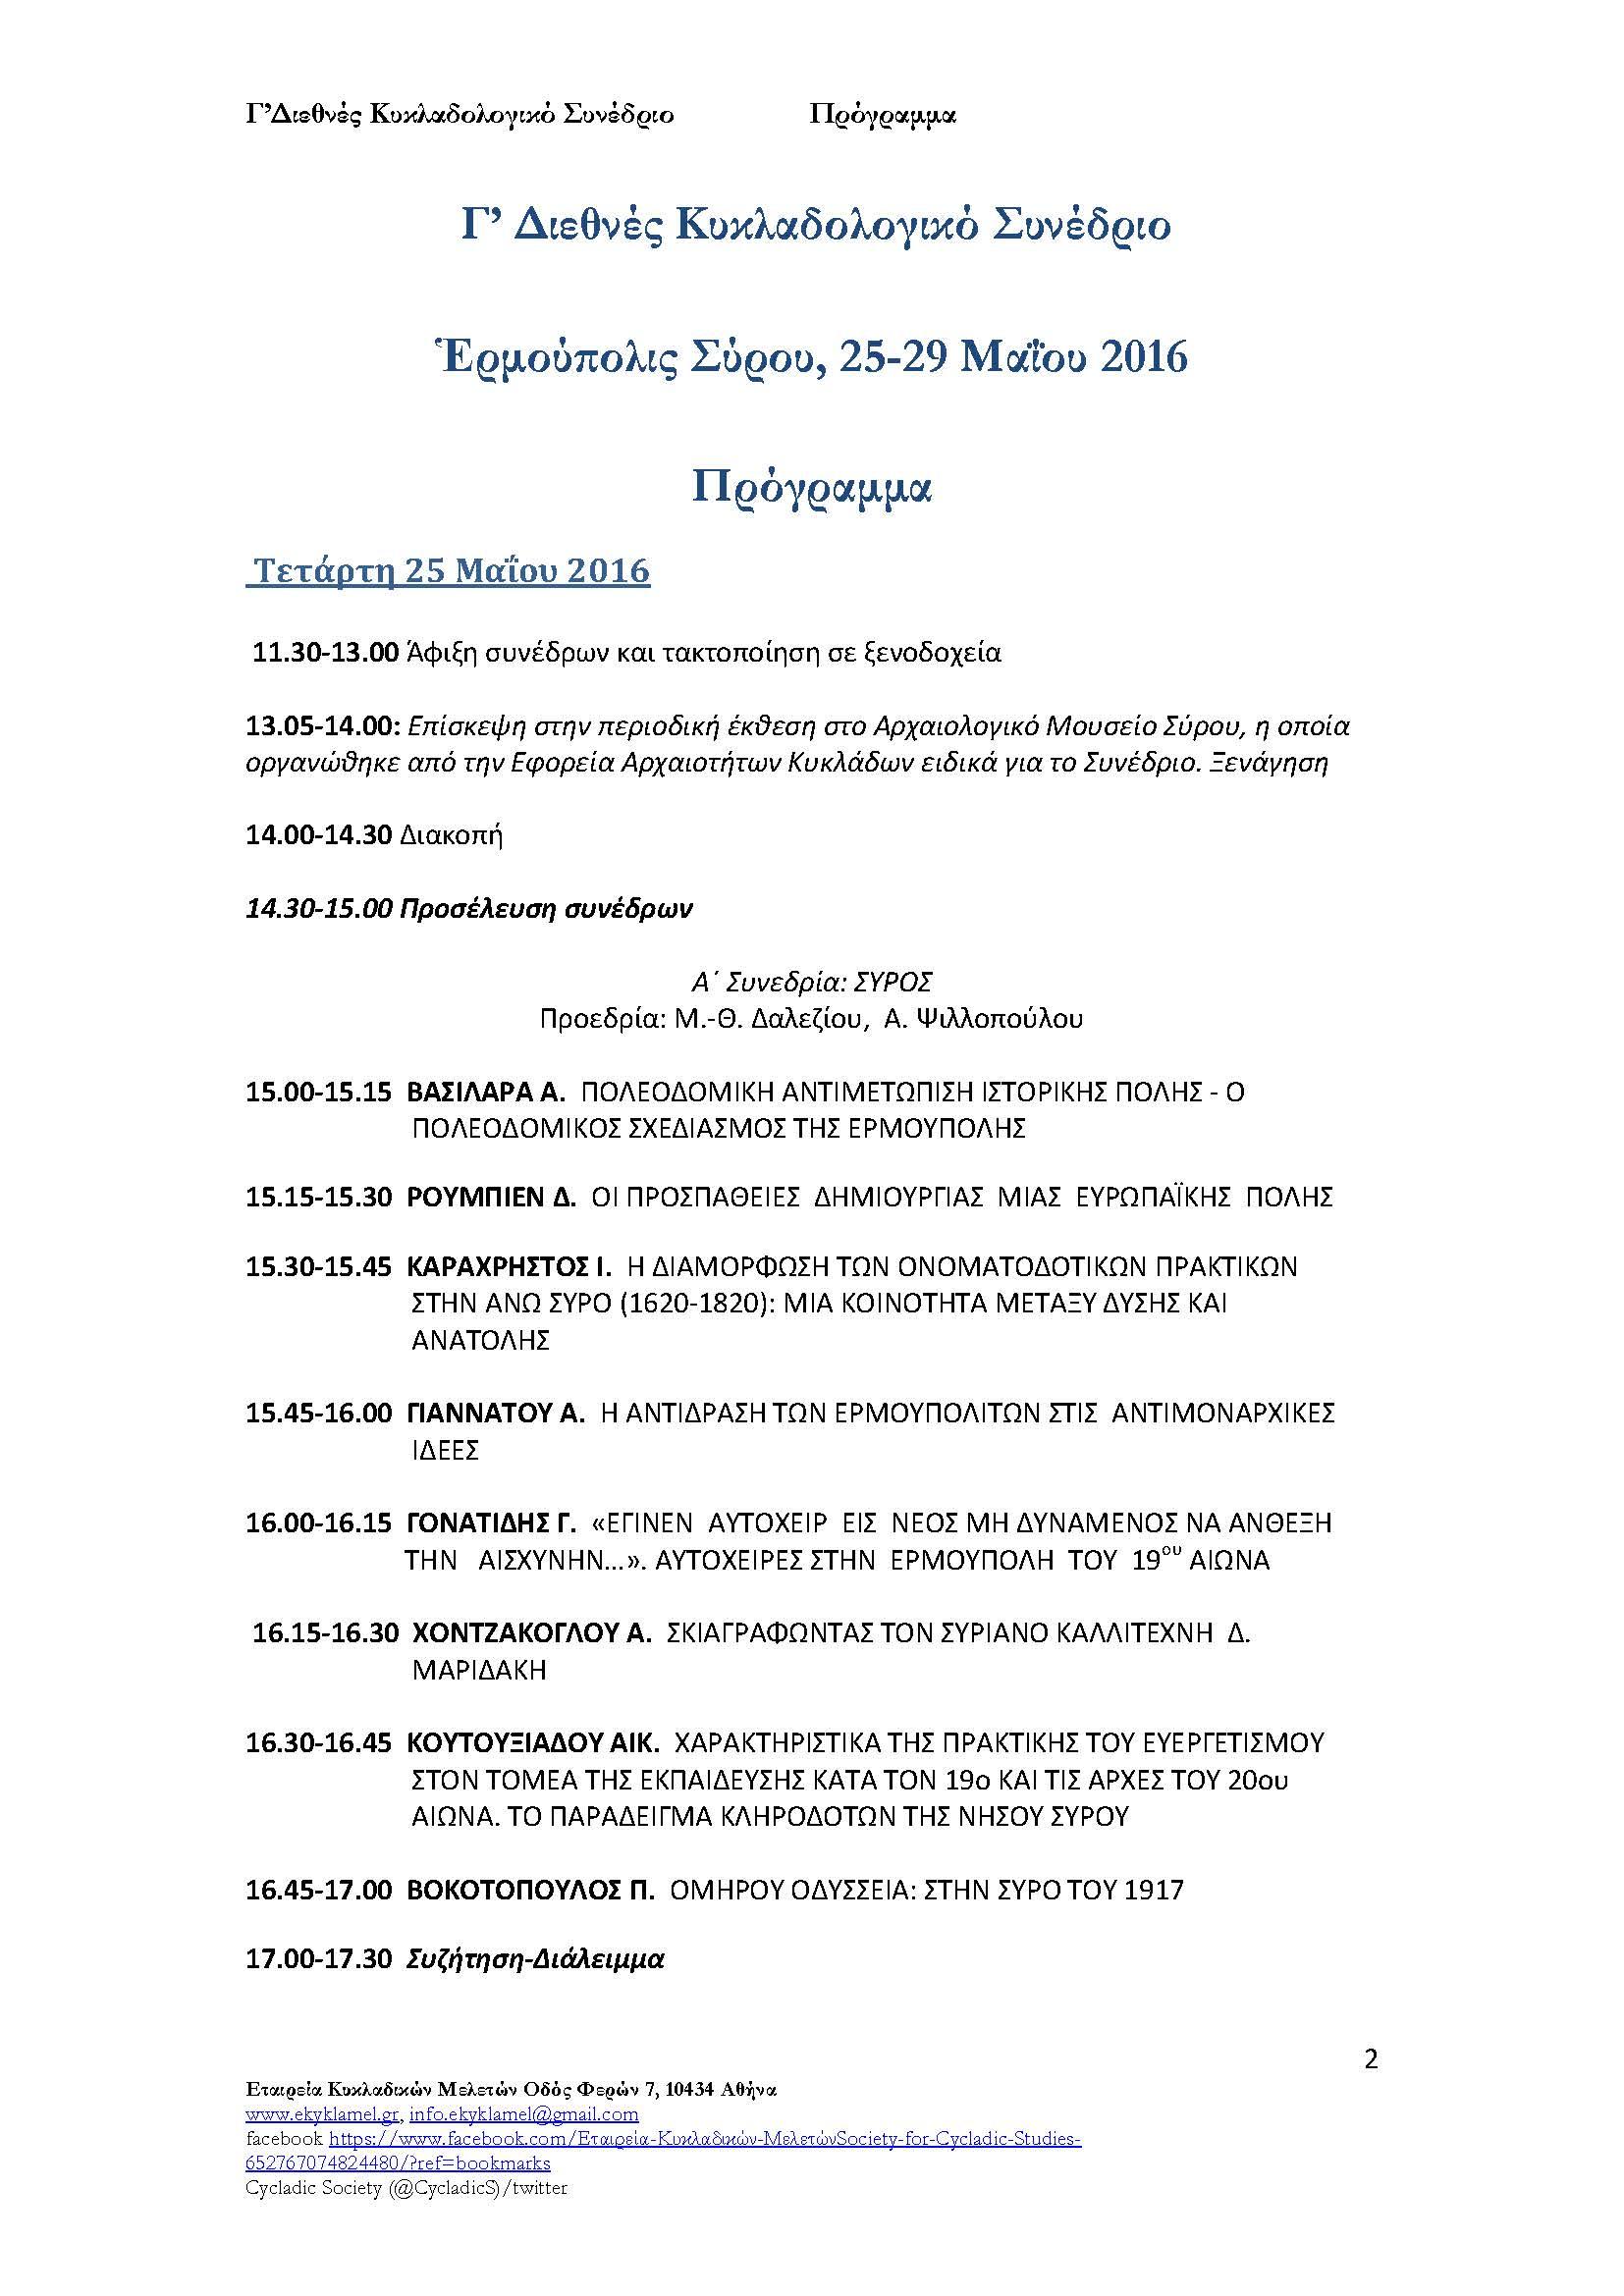 πρόγραμμα Γ' Κυκλαδολογικού Συνεδρίου (1)_Page_02